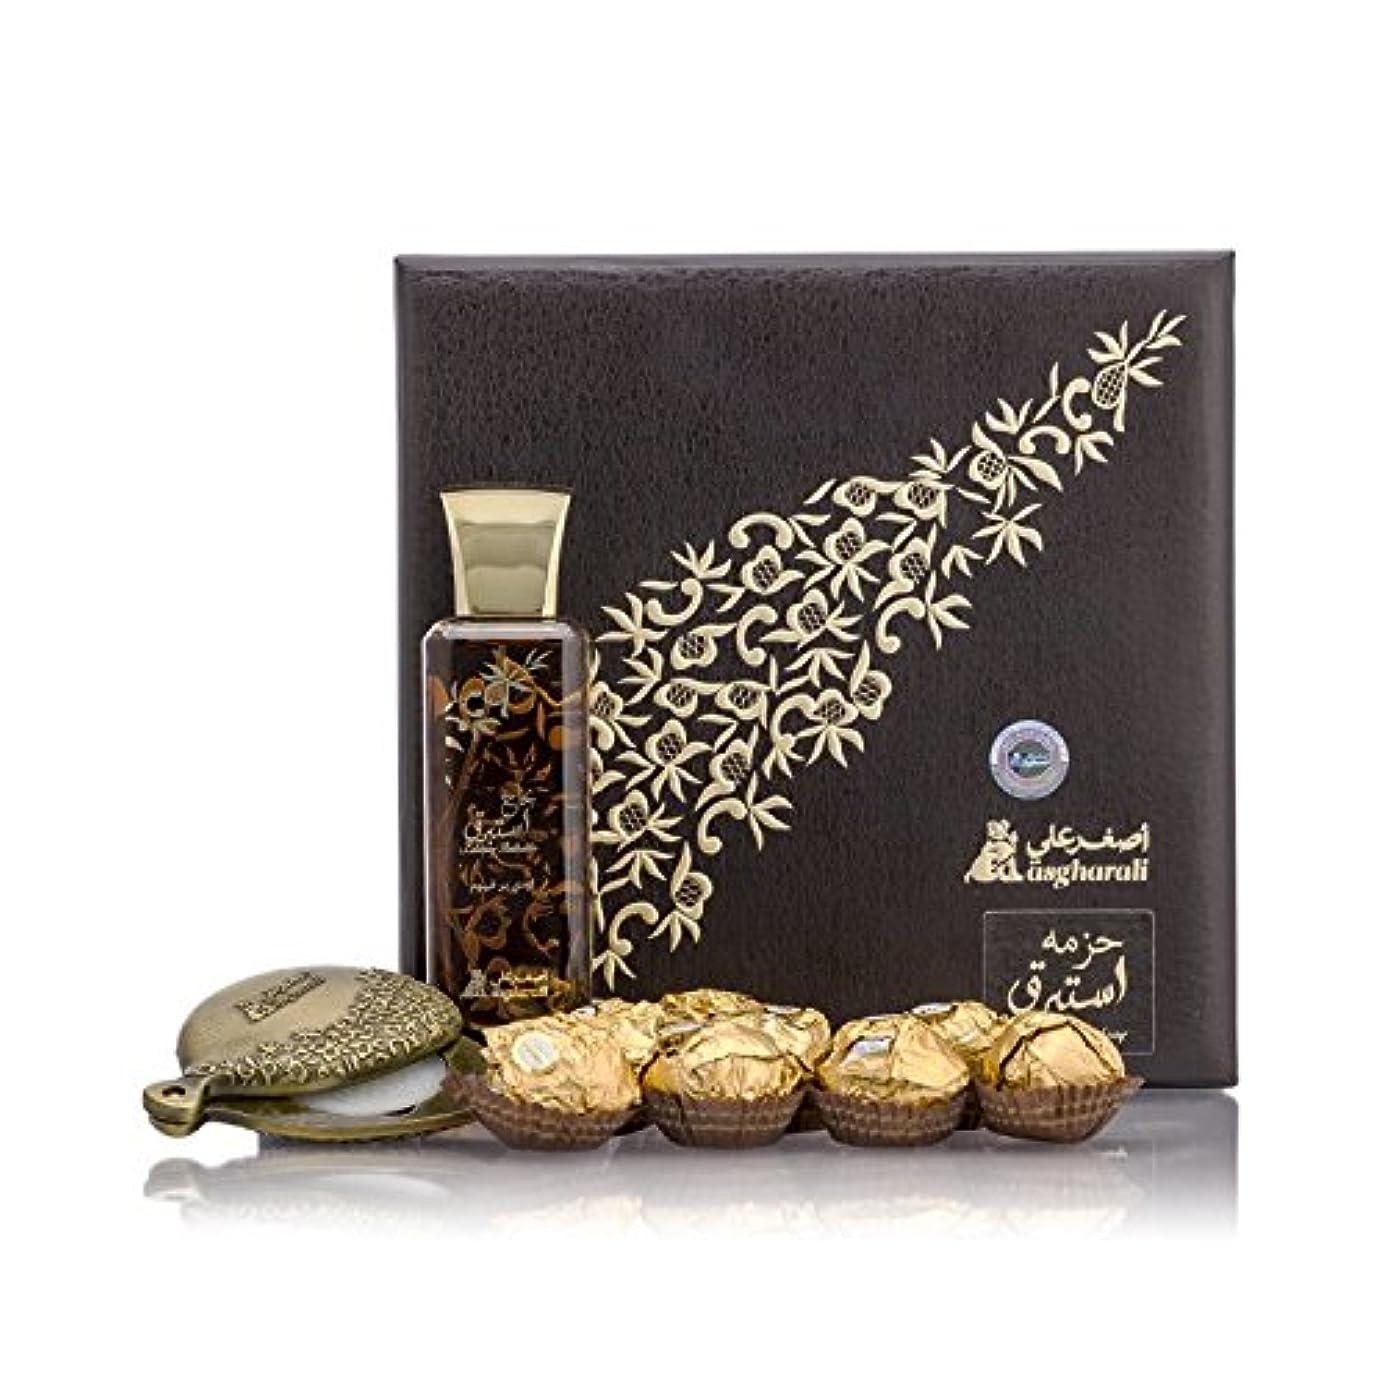 ショッキングもっと焼くestabraq Hazma – Incense Bakhoorギフトセットby Asgharali Perfumes